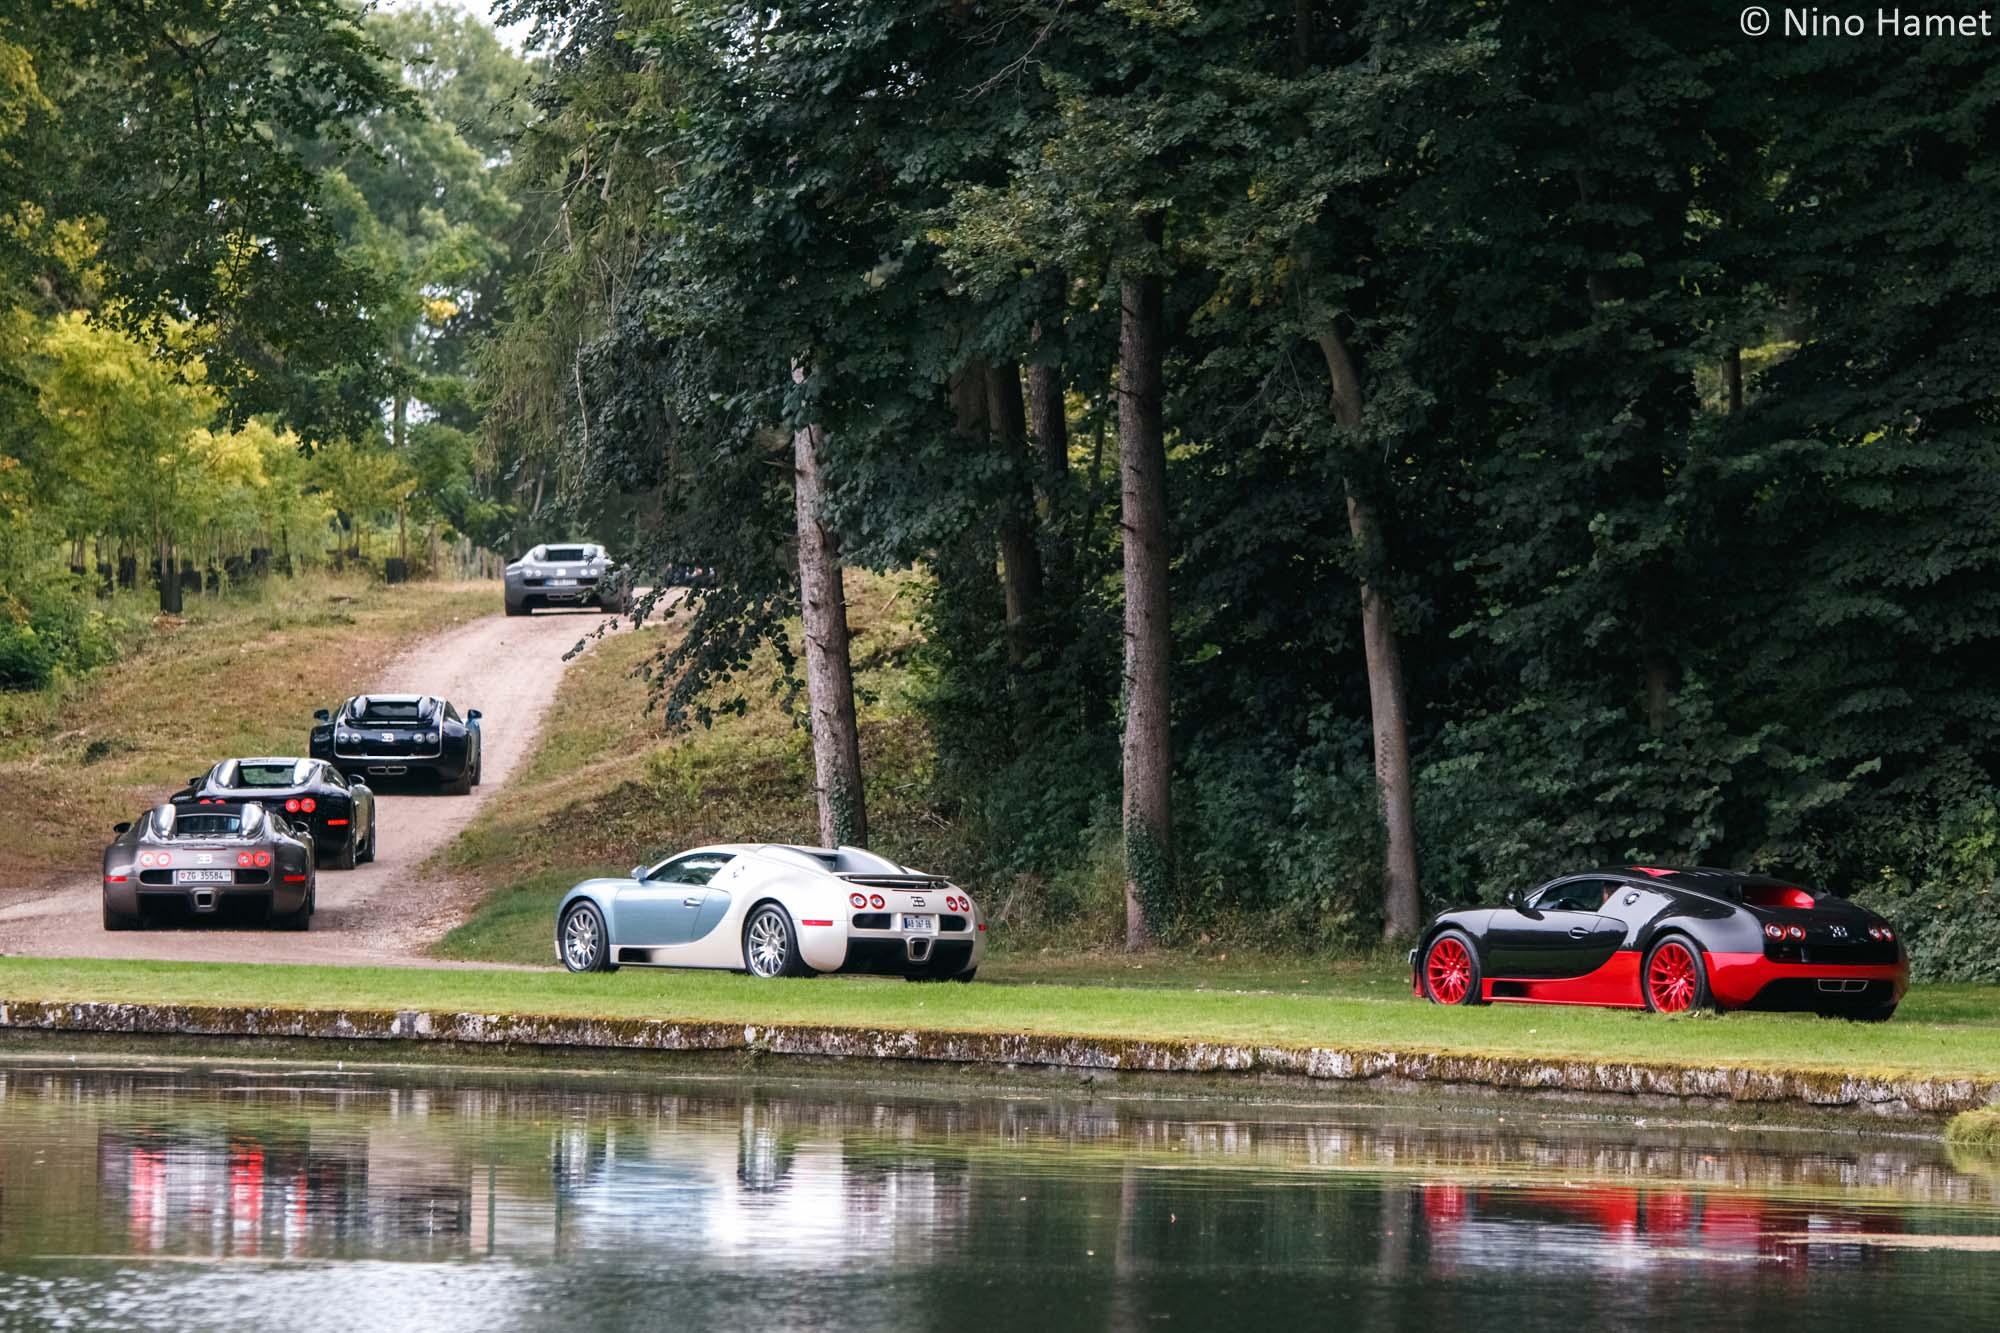 Un bel alignement de Bugatti Veyron !